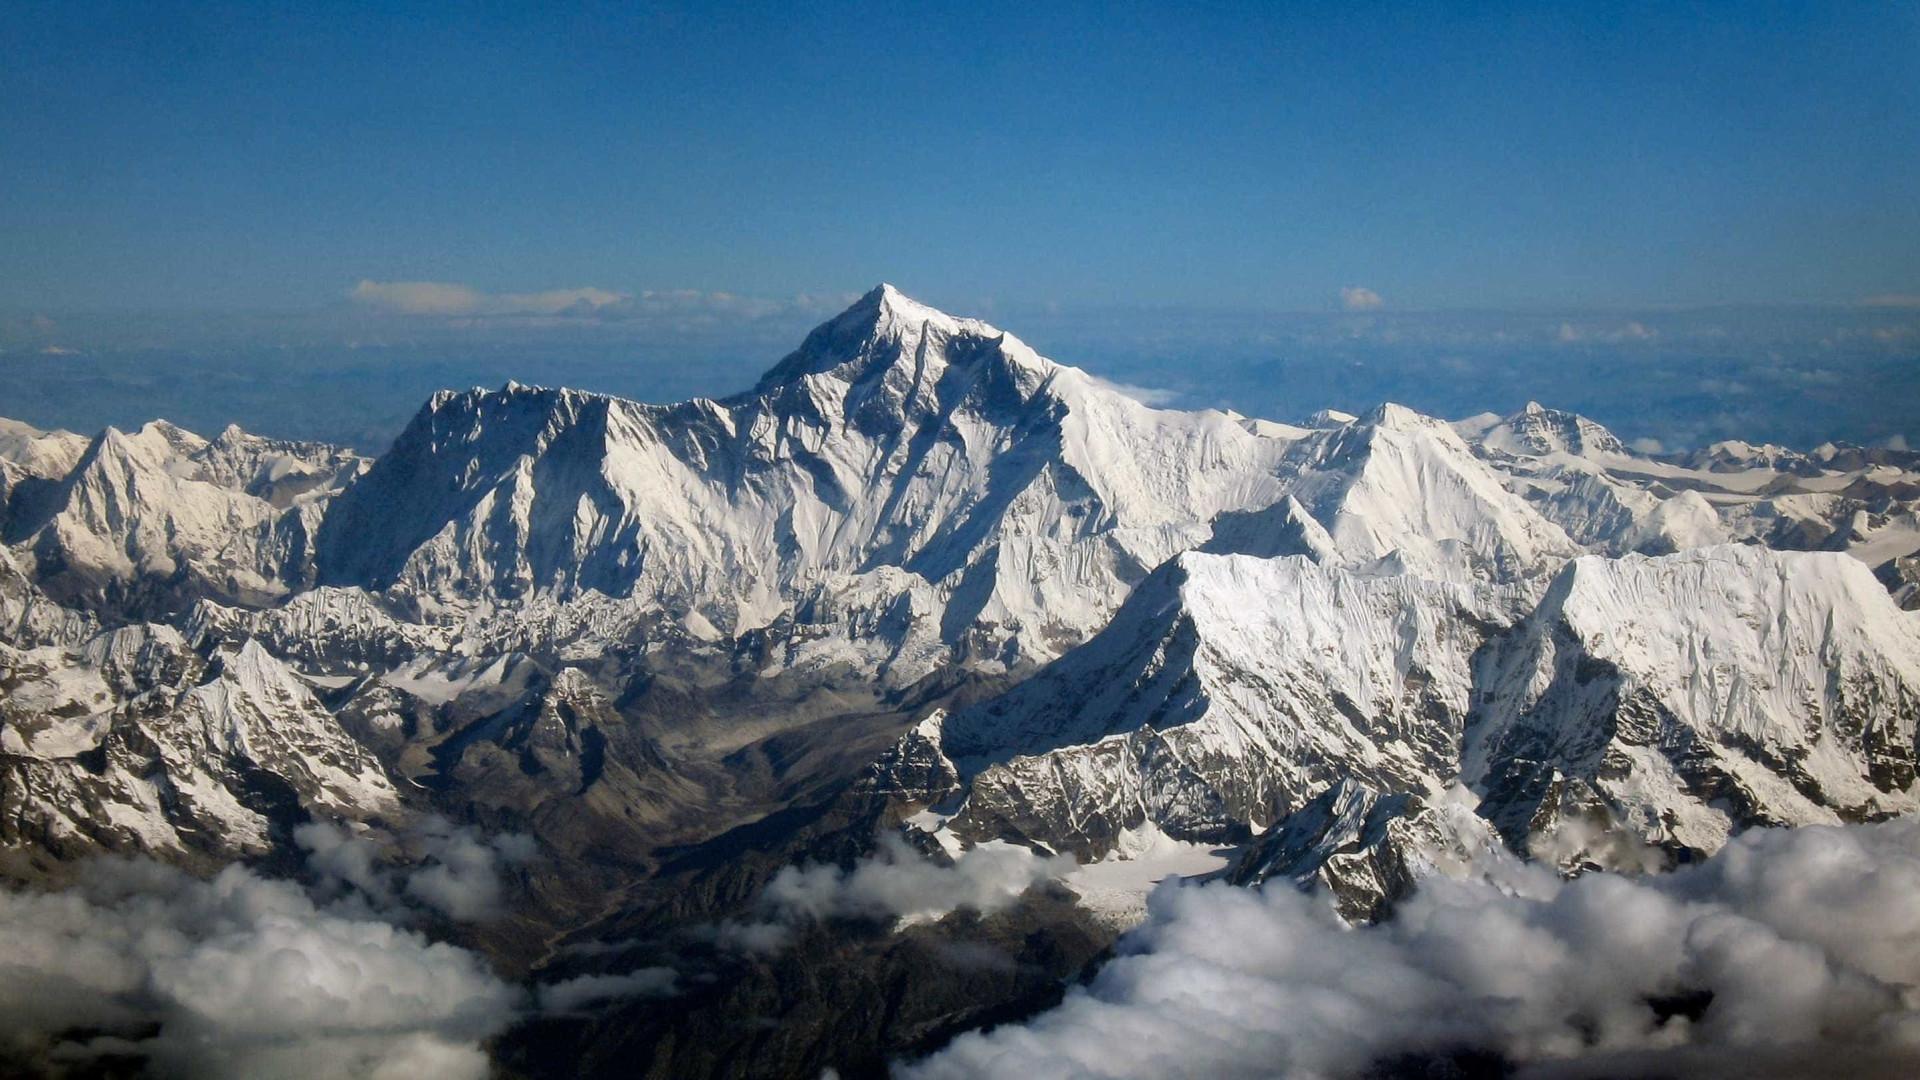 Ninguém conseguirá escalar o monte Everest em 2015